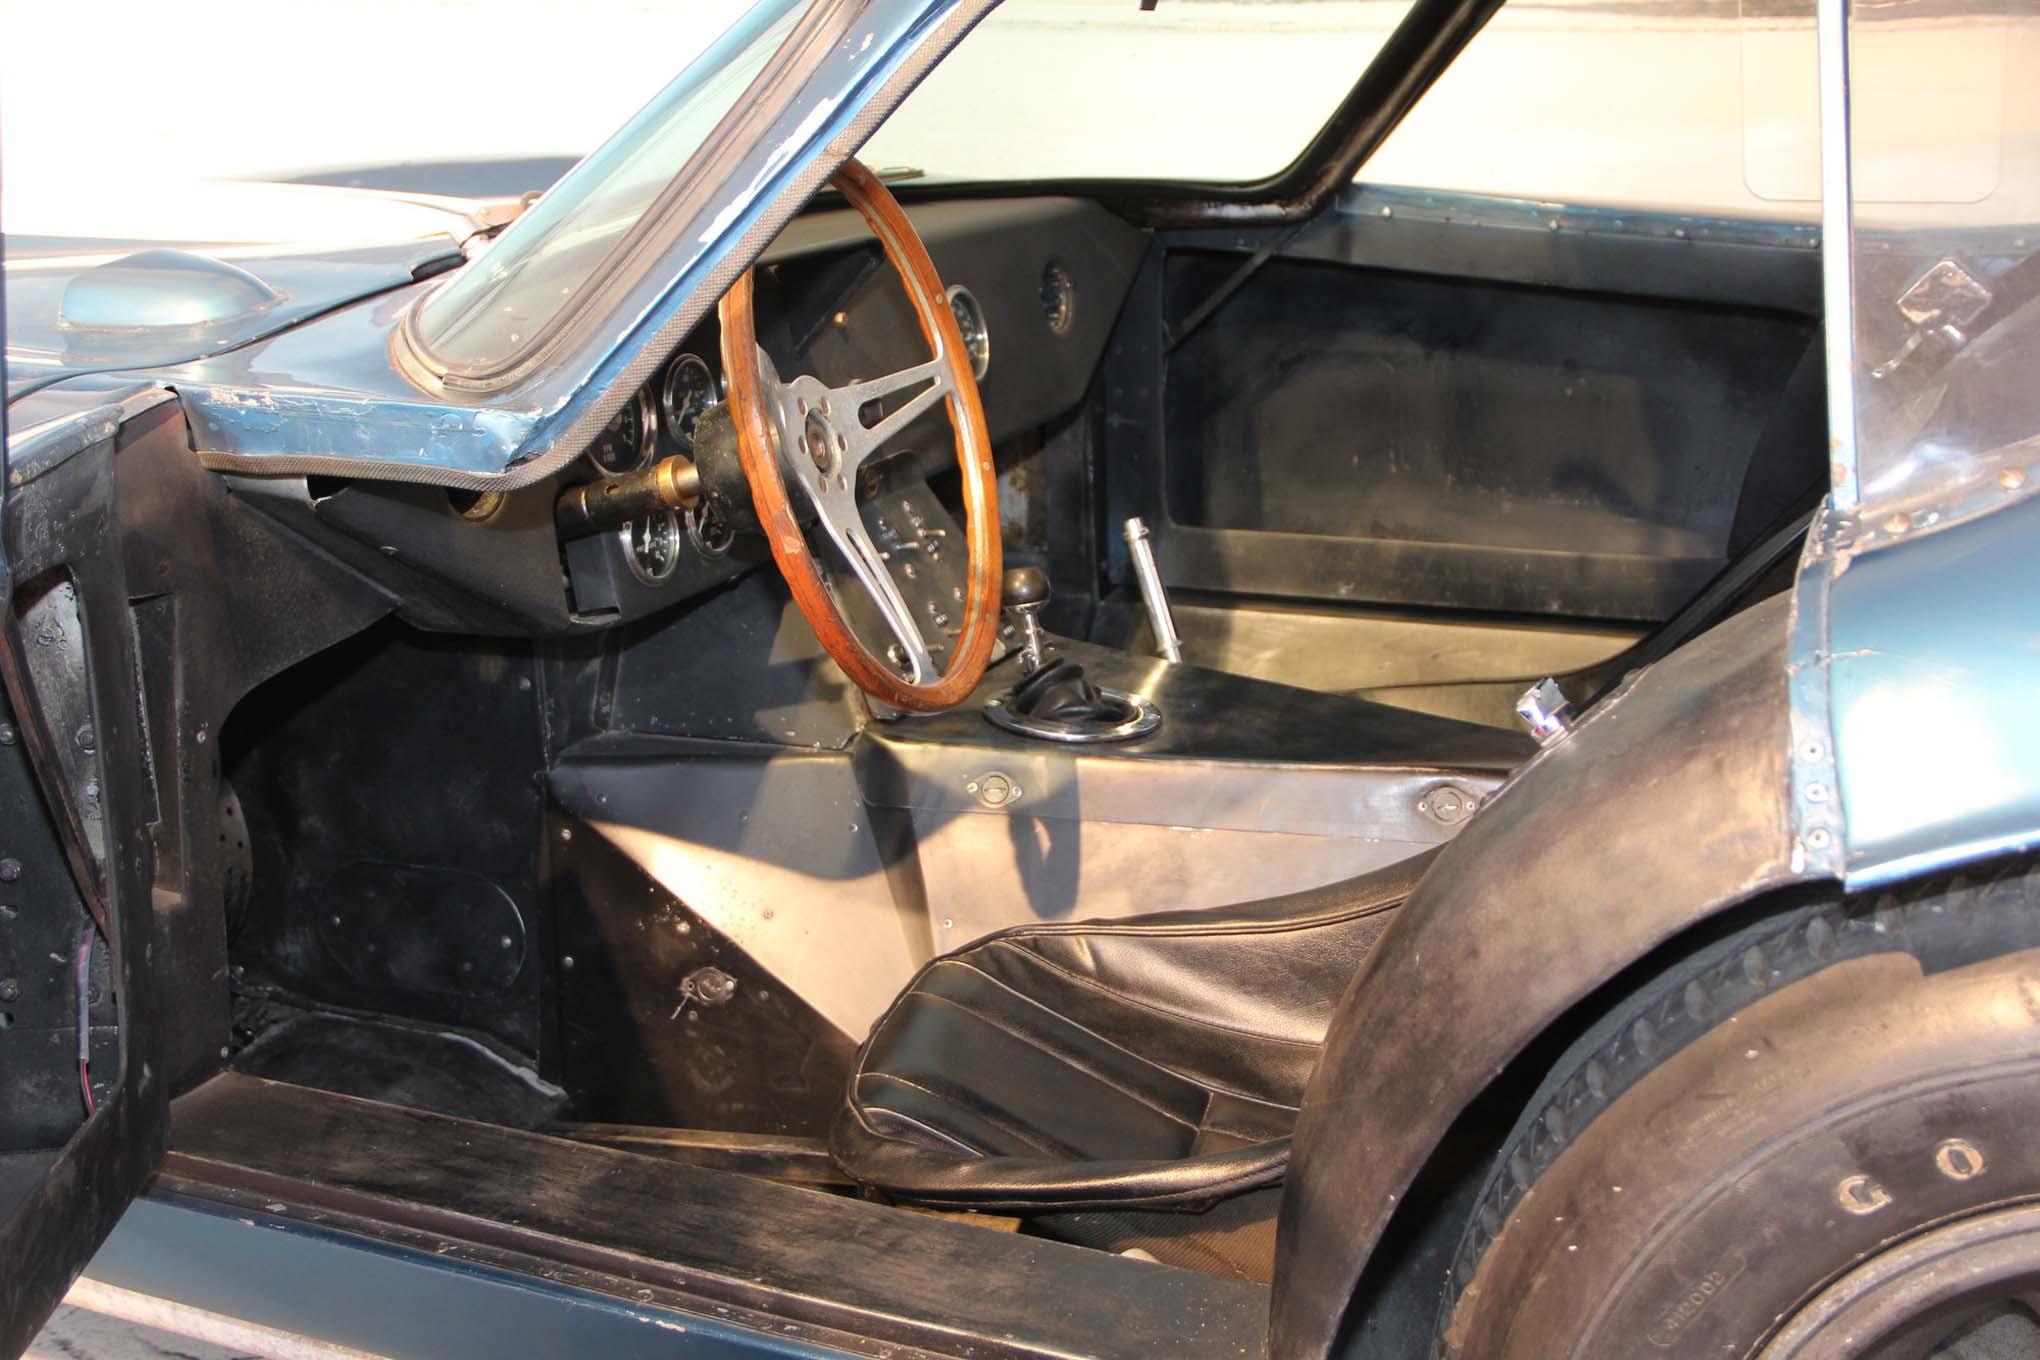 022 Shelby Daytona Coupe Lpr